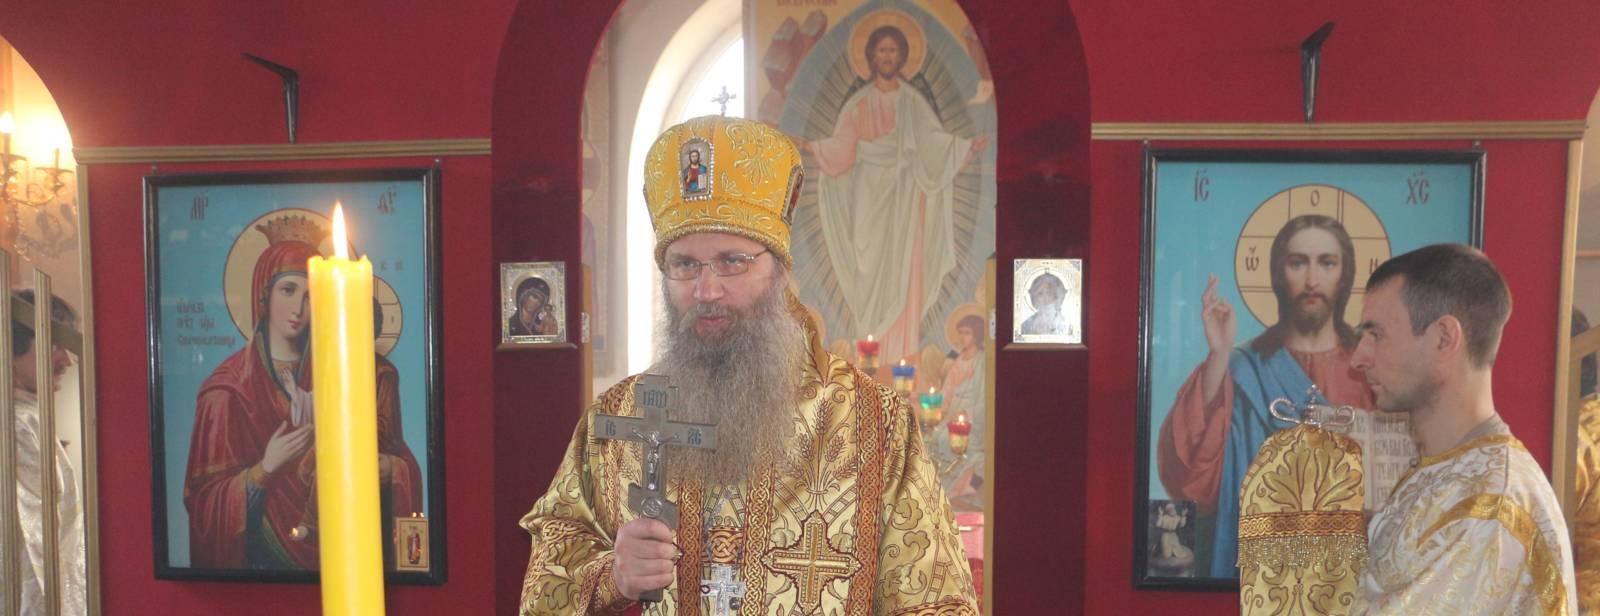 Божественную литургию в храме Воскресения Христова х. Попов (на кладбище).